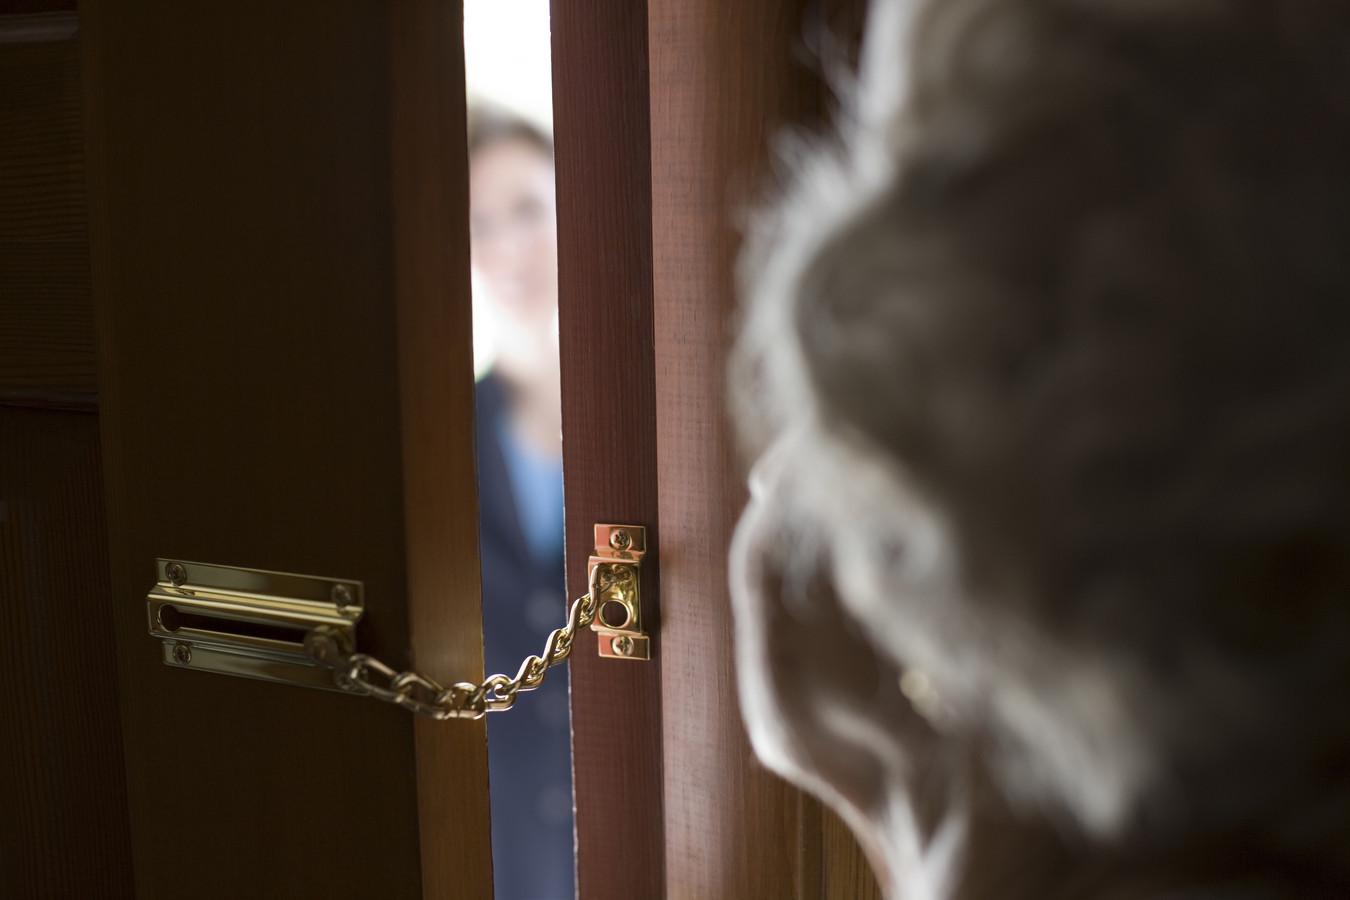 De verdachte haalde de pinpassen op bij talloze bejaarde slachtoffers die in de val trapten. Als hij aanbelde, zaten de ouderen -van 79 tot 89 jaar- nog aan de telefoon met de zogenaamde bankmedewerker.